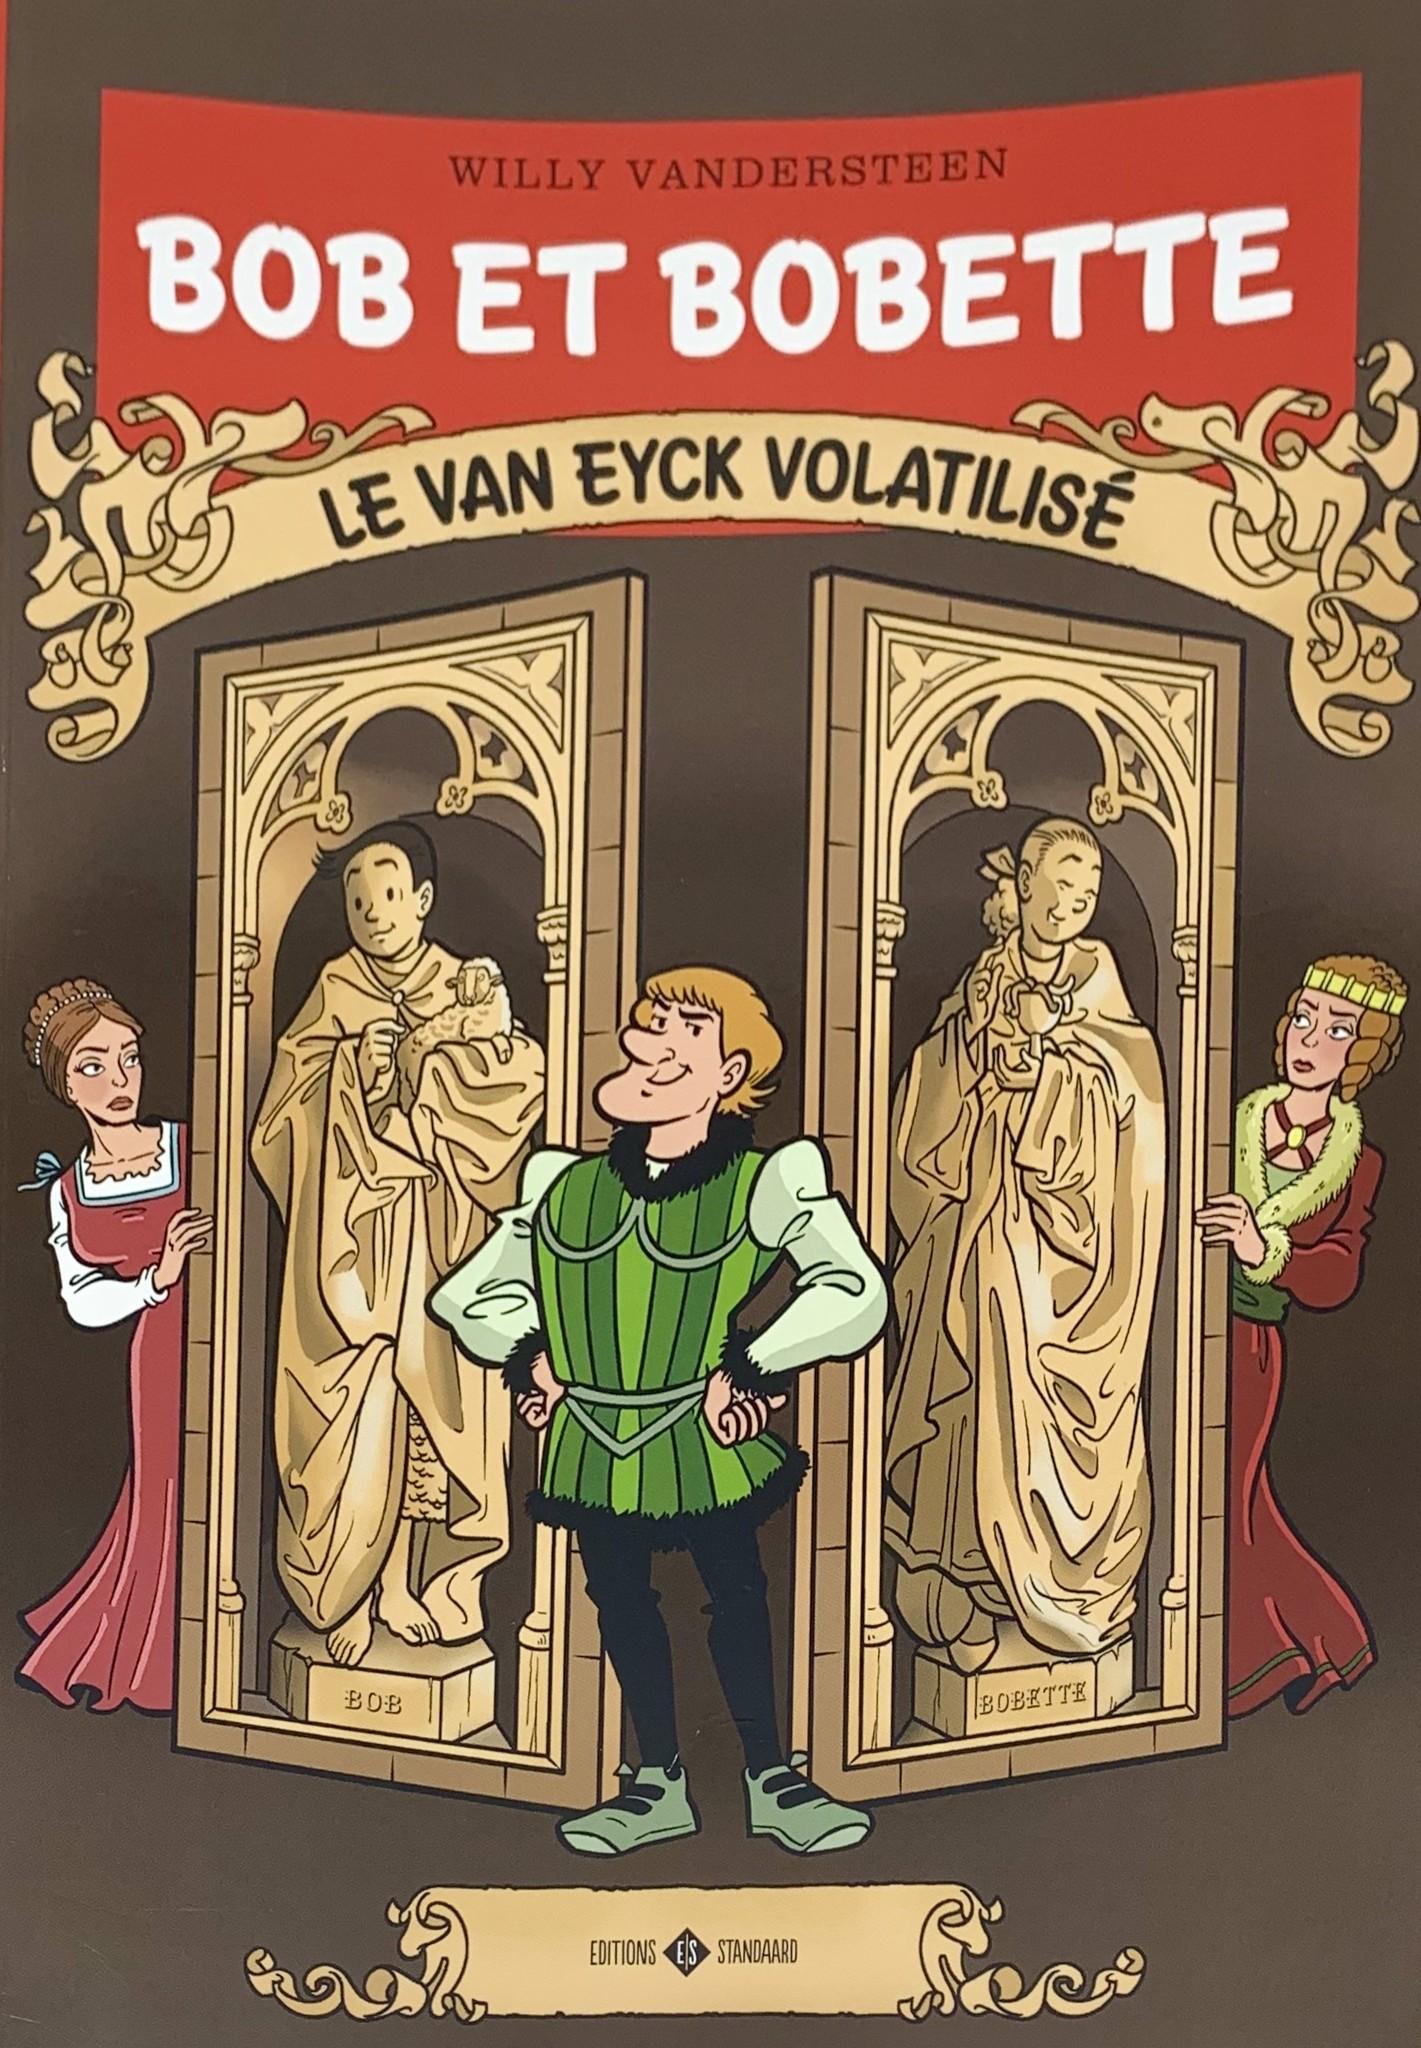 Willy Vandersteen Bob et Bobette - Le Van Eyck volatilisé  (Spike and Suzy - The Lost Van Eyck)